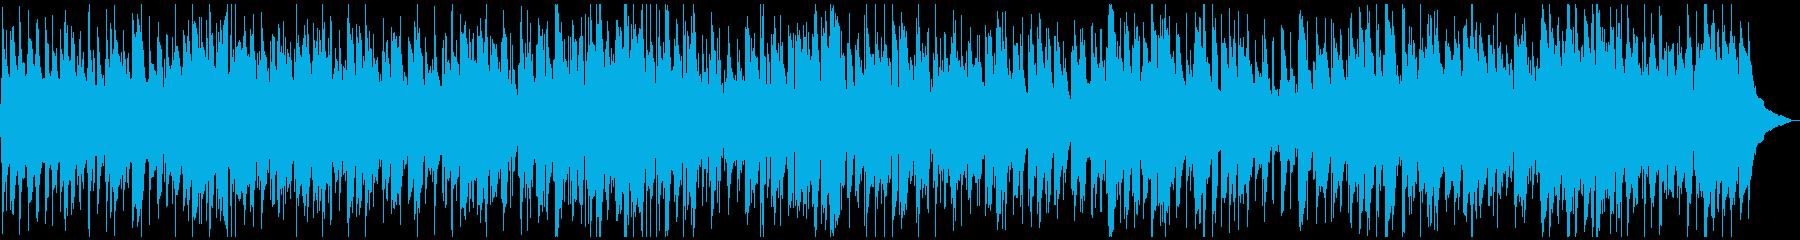 お洒落でポップなボサノバBGMの再生済みの波形